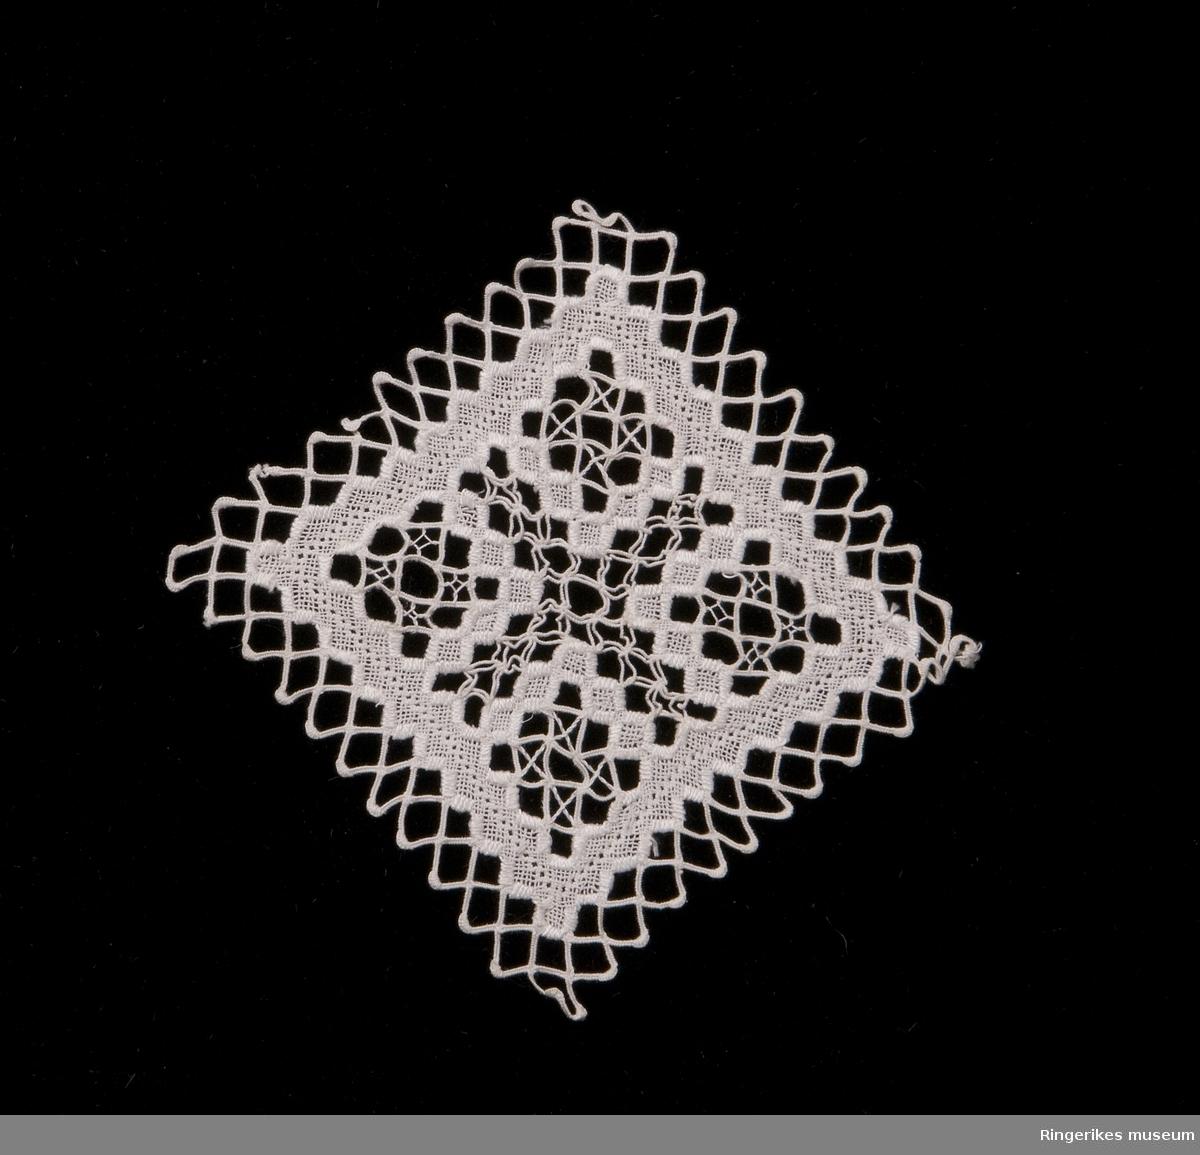 Gjennombrutt mønster, fire små kvadrater er føyd sammen